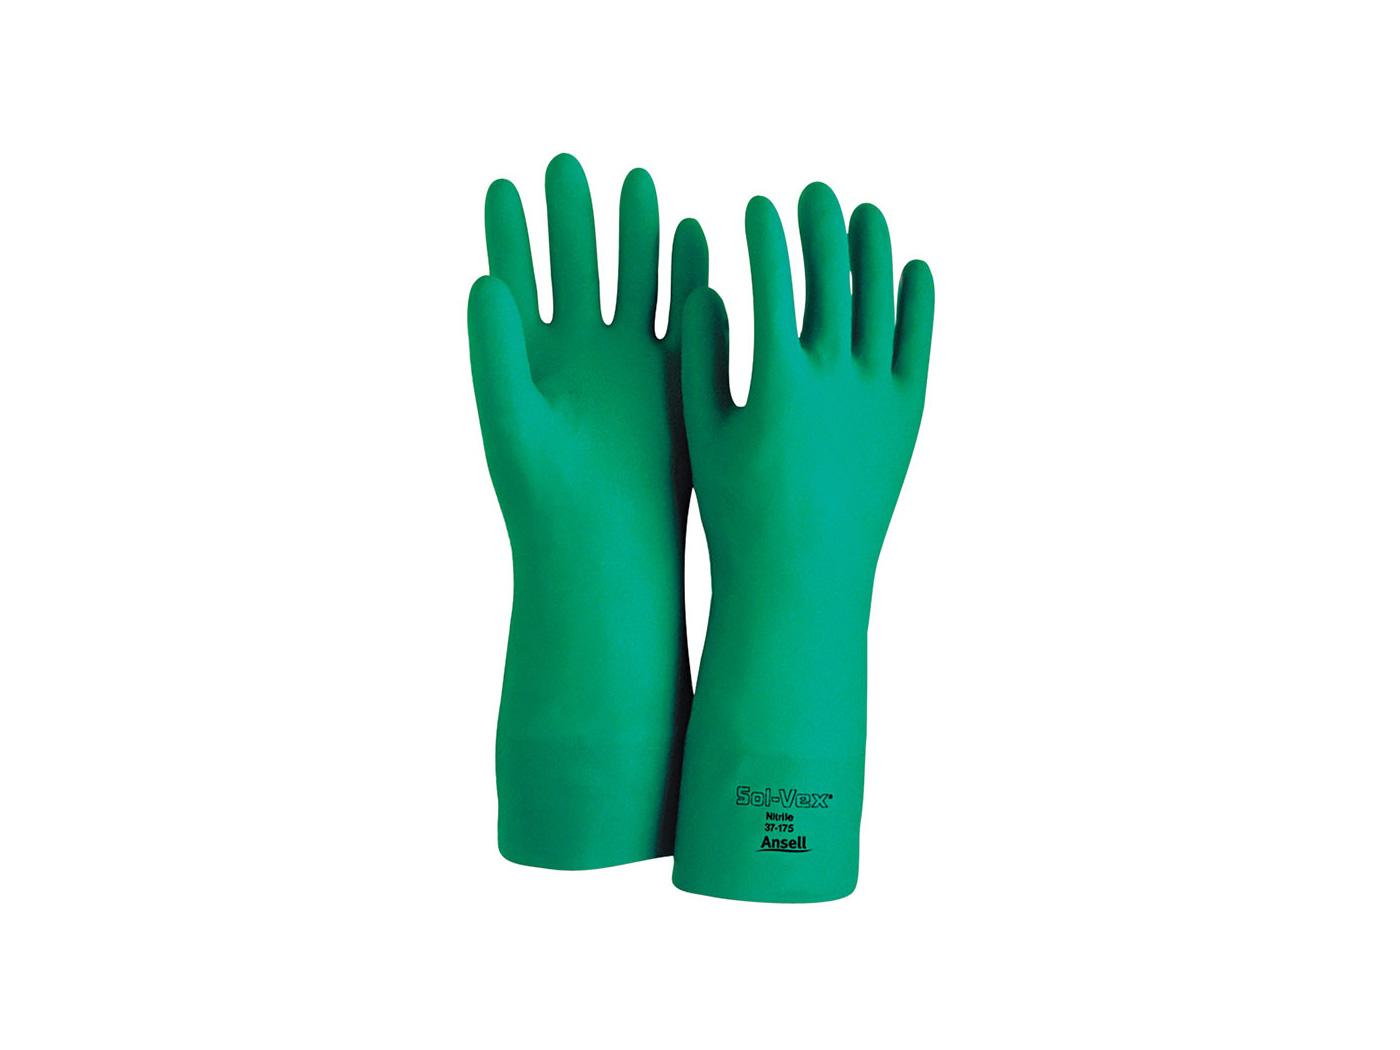 Sol-Vex Gloves